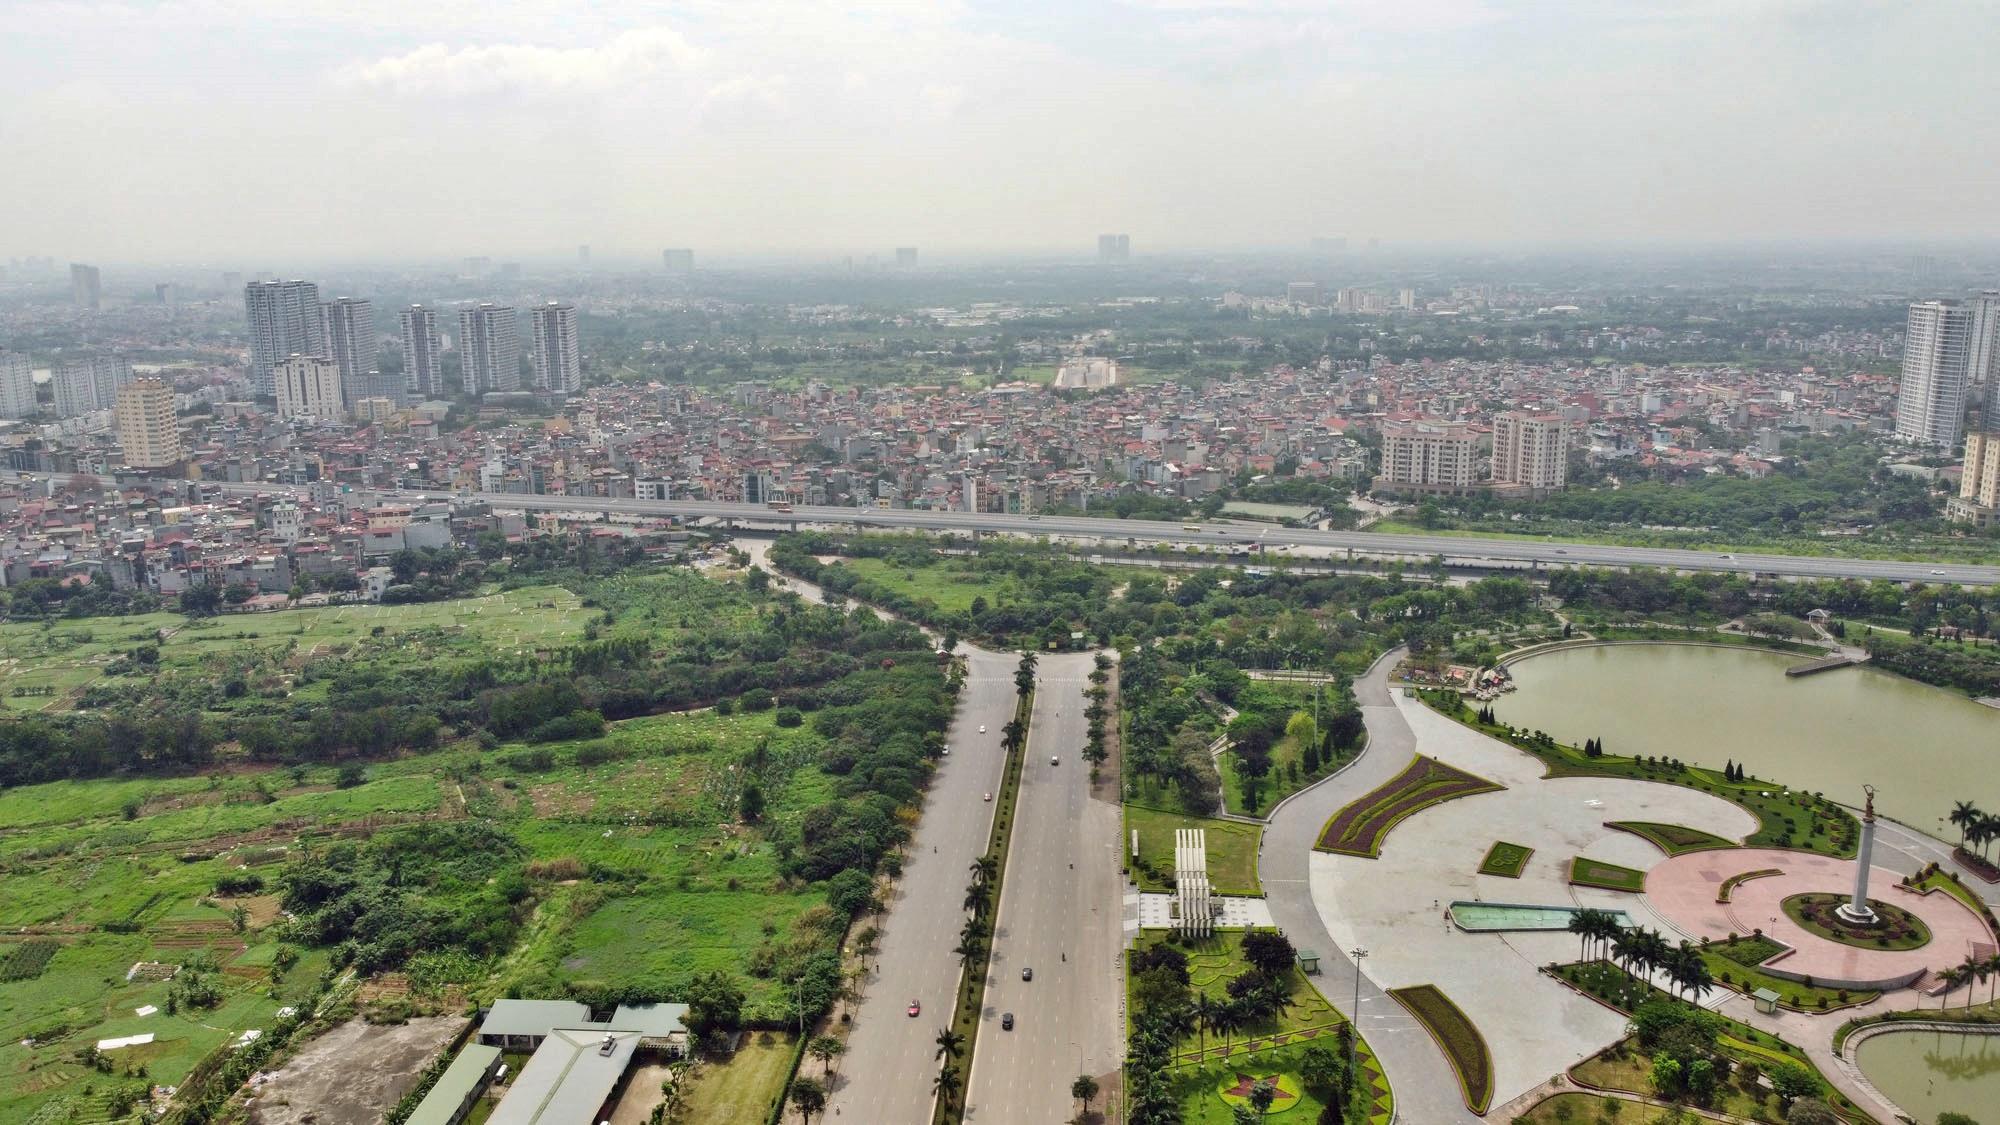 Toàn cảnh đường Tây Thăng Long đang mở theo quy hoạch ở Hà Nội - Ảnh 16.